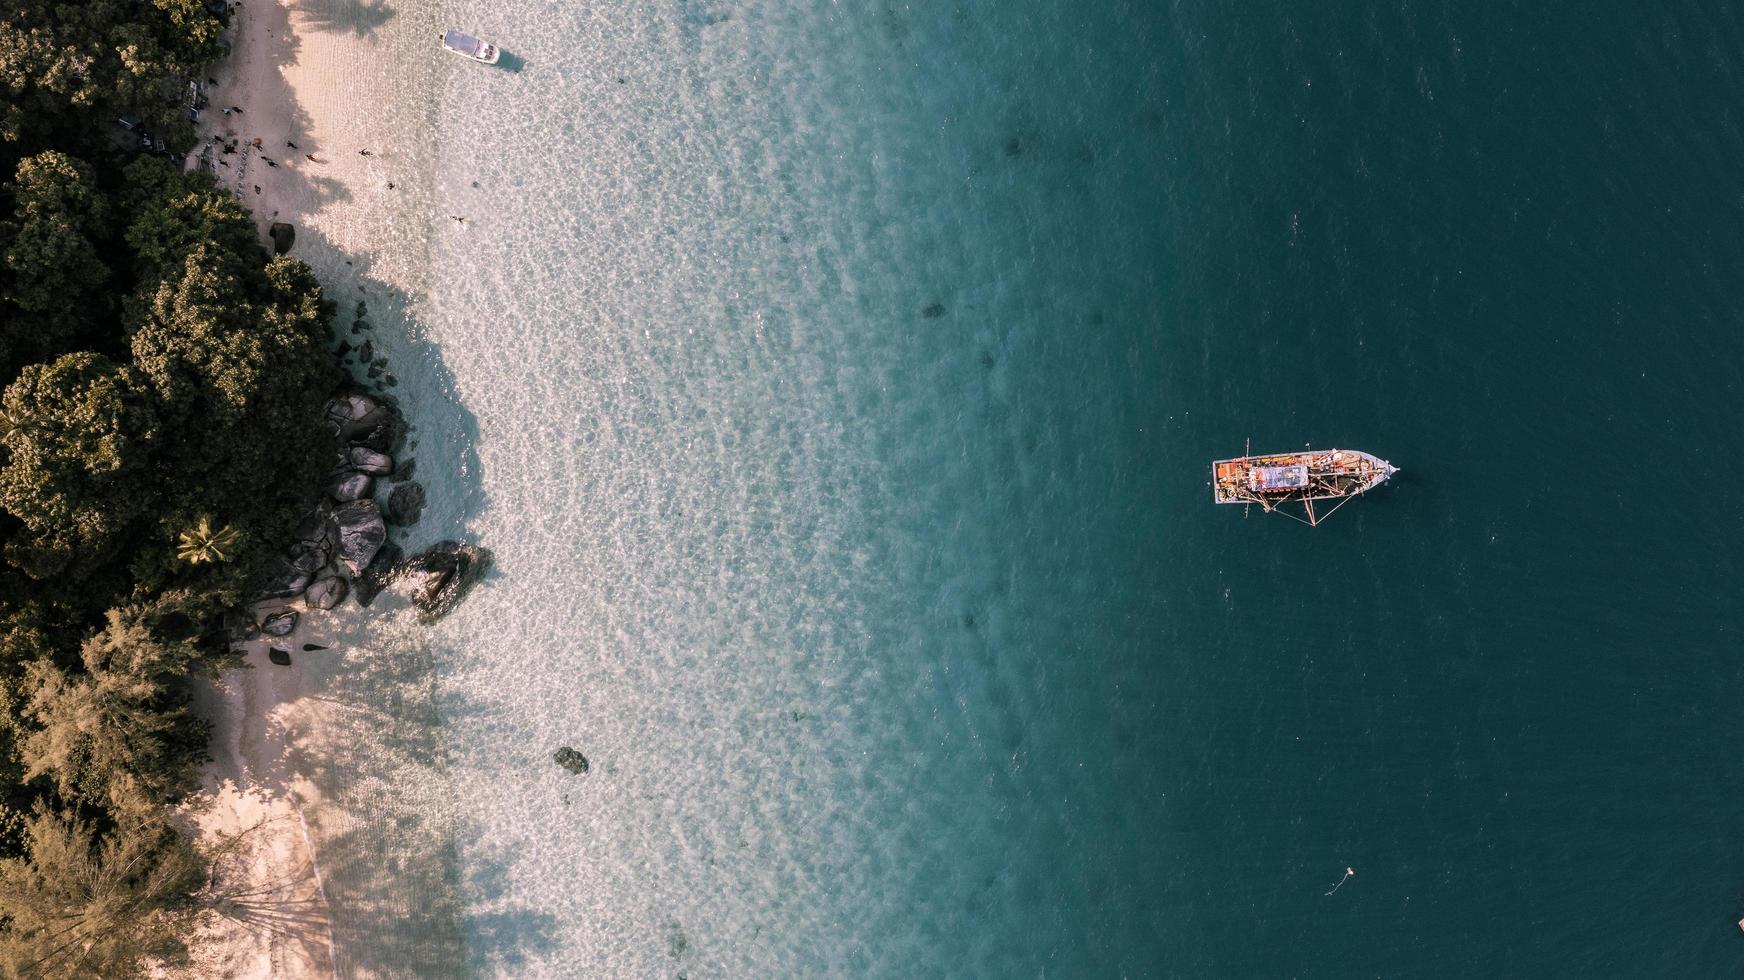 luchtfoto van de boot in de oceaan in de buurt van een strand foto